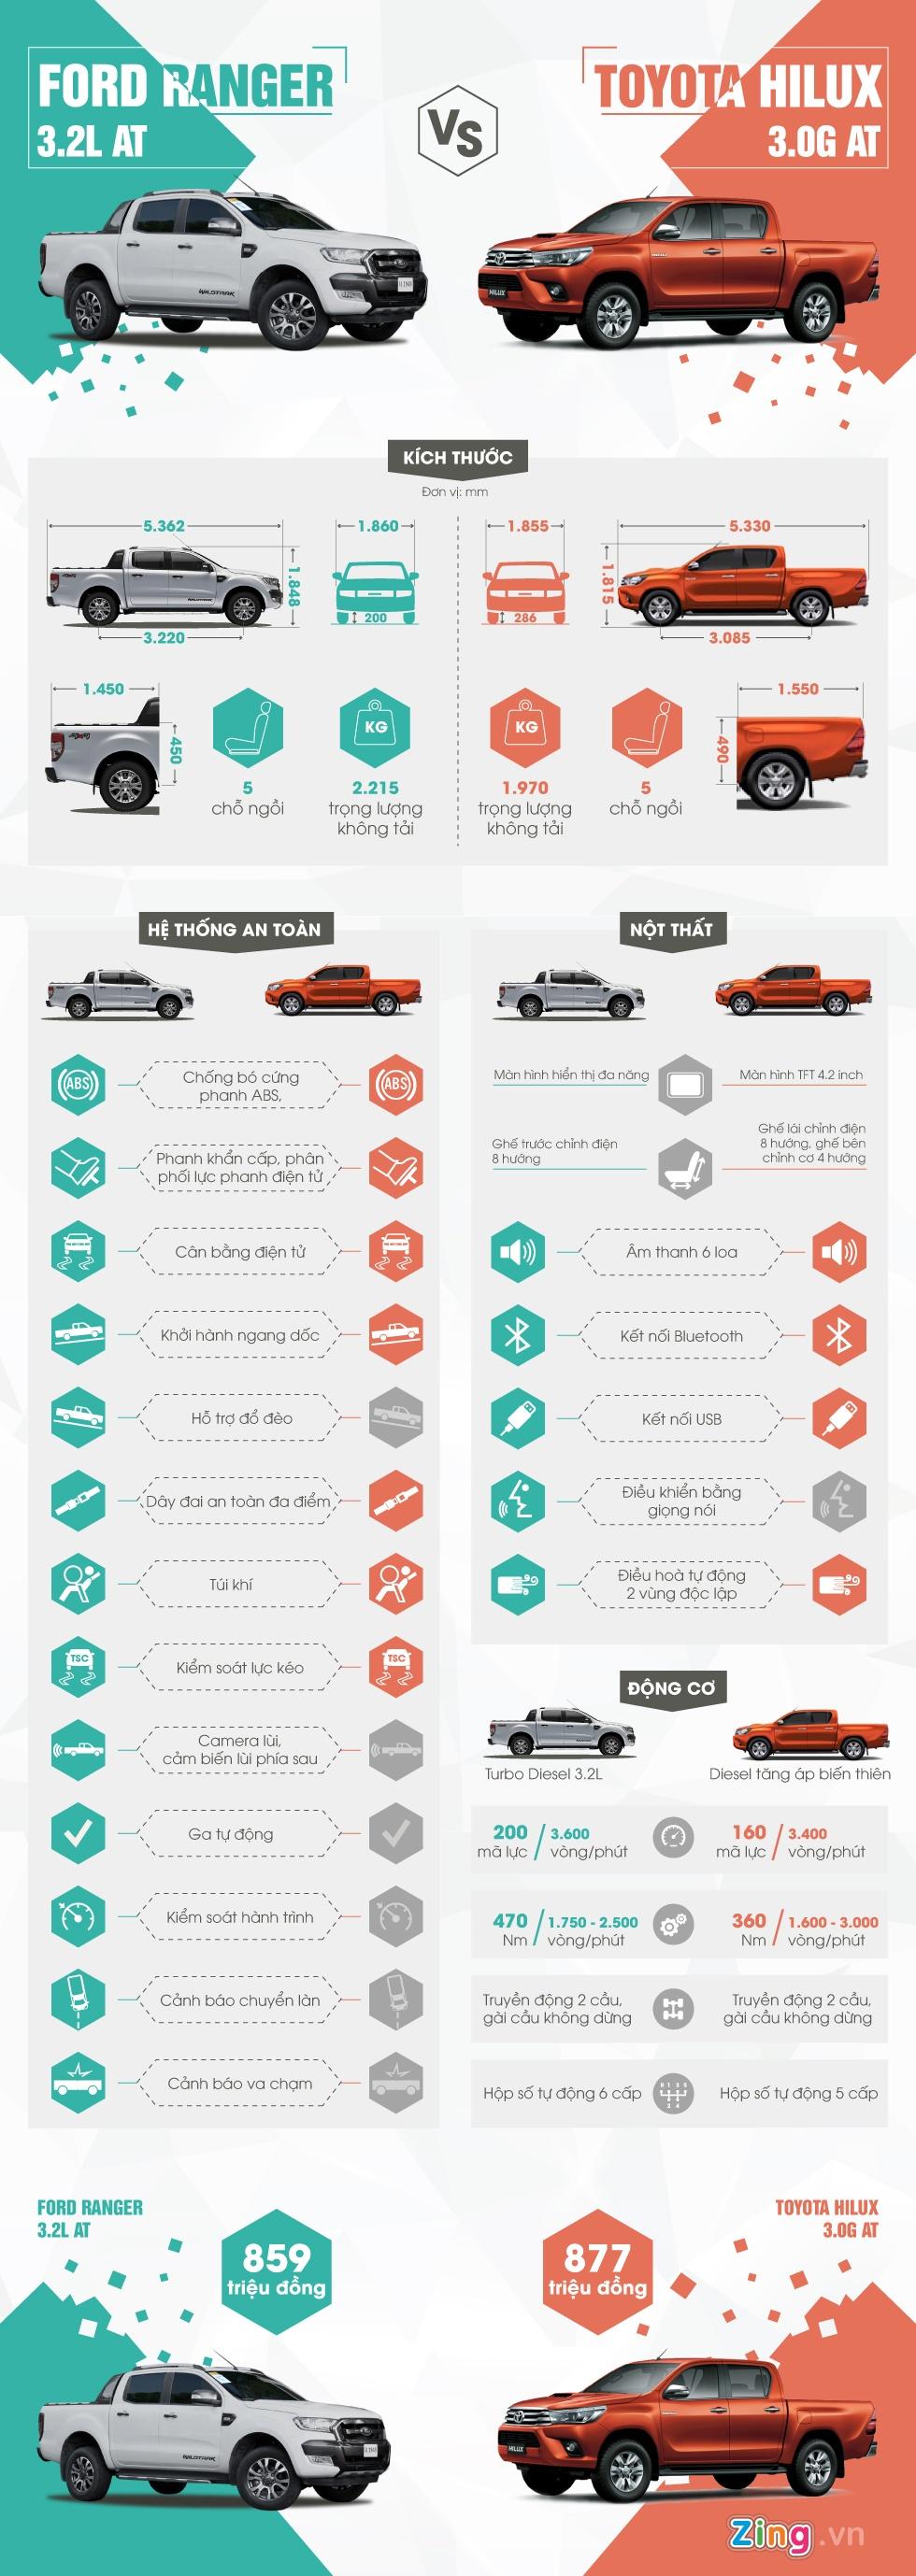 So sanh Toyota Hilux 2016 va Ford Ranger 2016 hinh anh 1